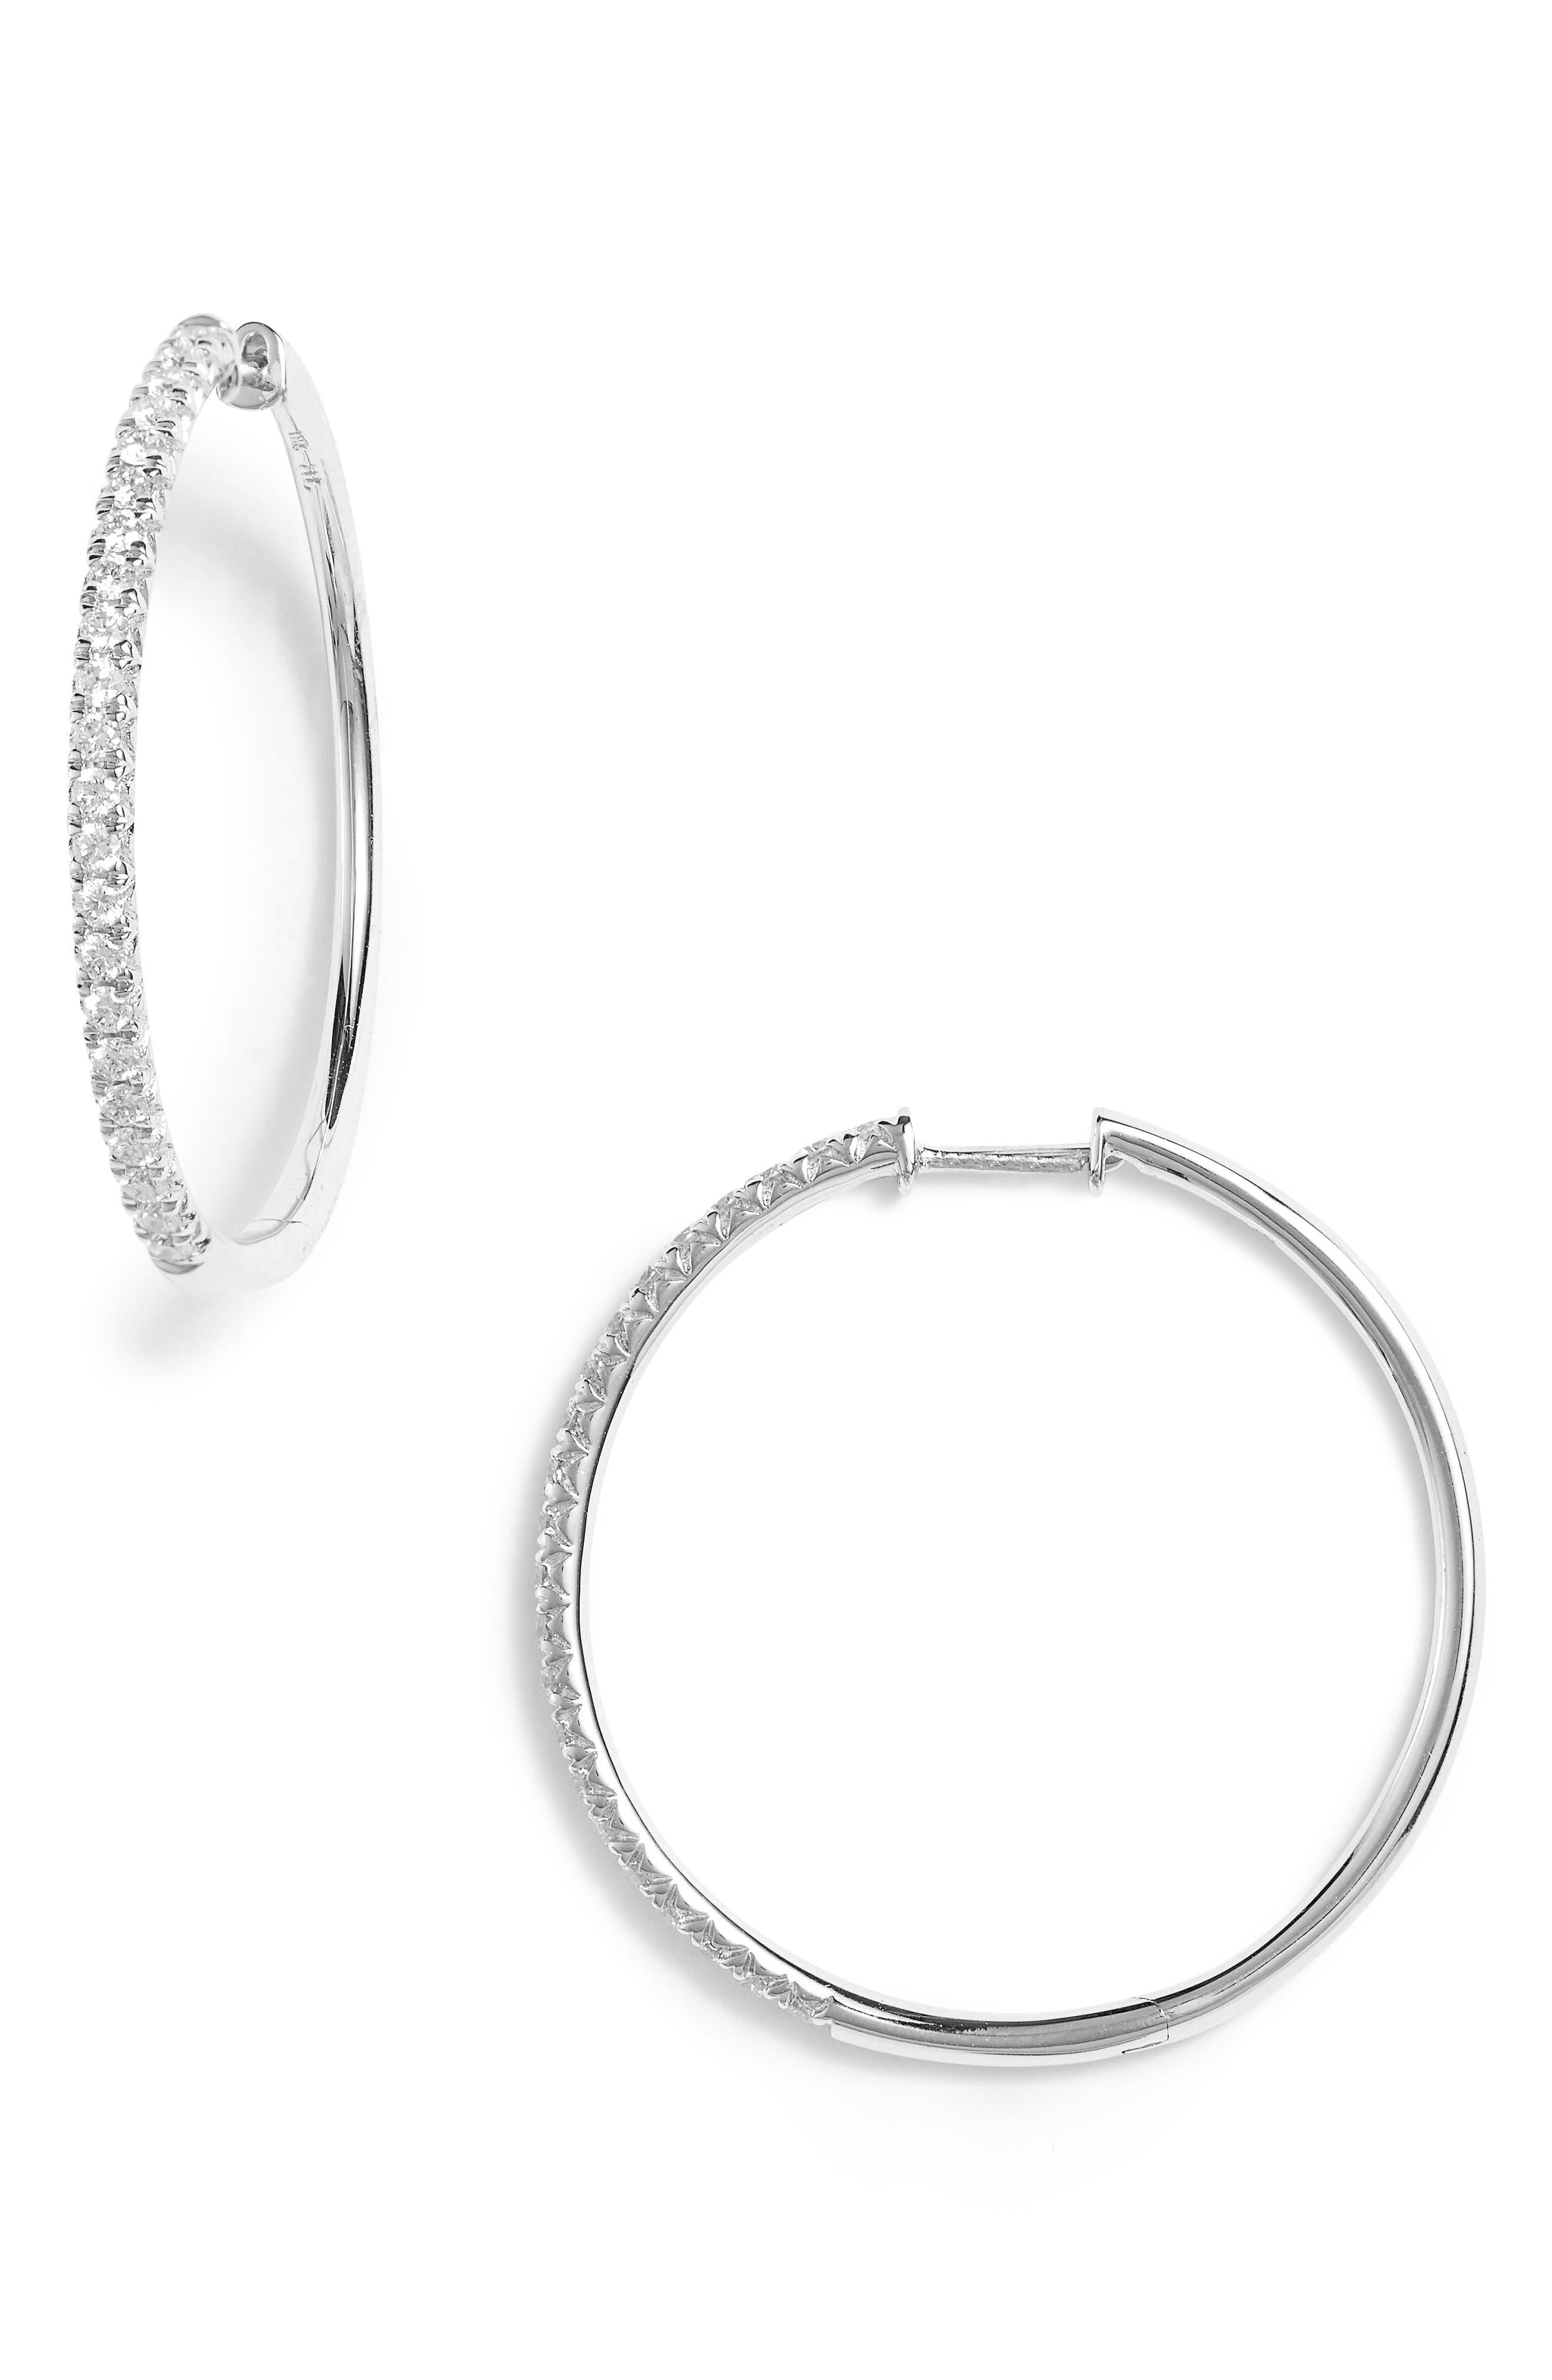 Kiera French Cut Diamond Hoop Earrings,                         Main,                         color, D0.75 GVS 18KWG